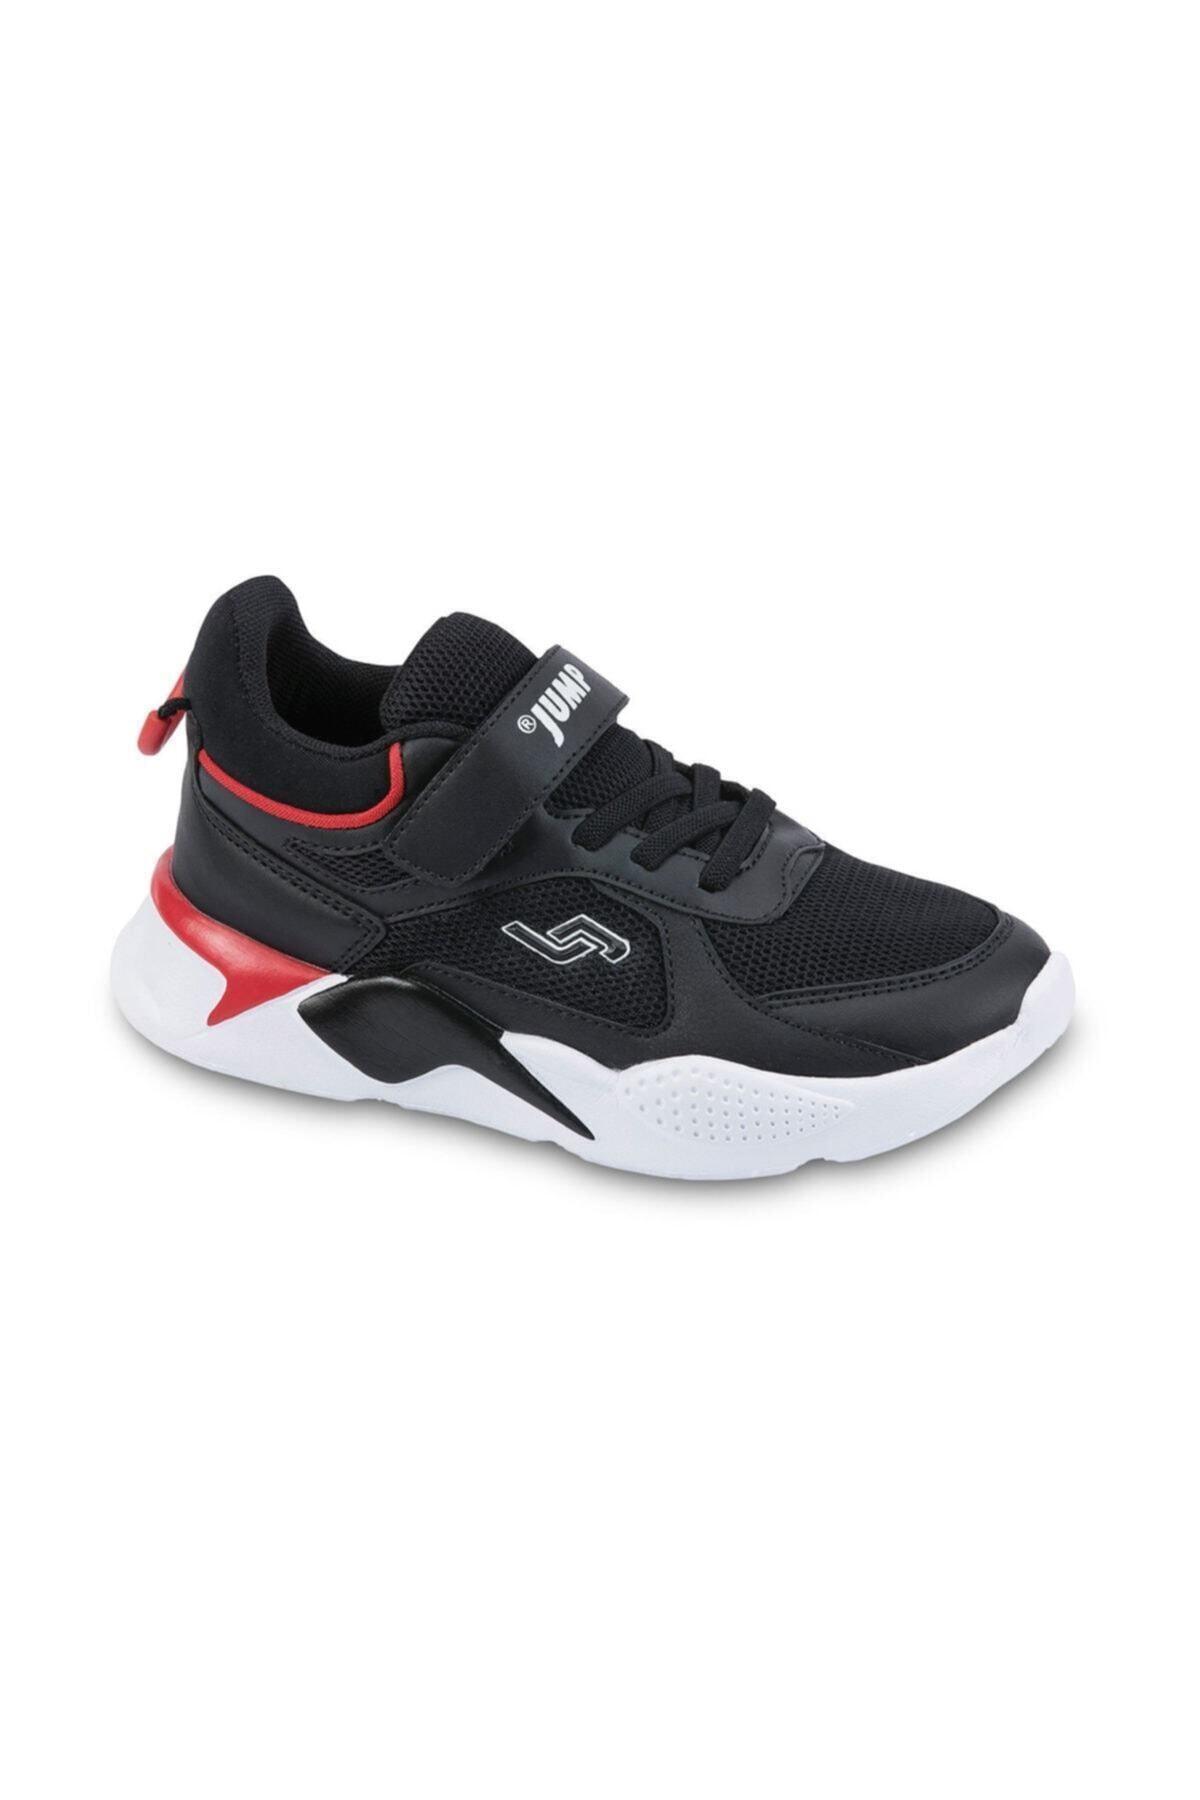 حرید اینترنتی کفش اسپرت بچه گانه دخترانه ارزان برند Jump رنگ مشکی کد ty34145407